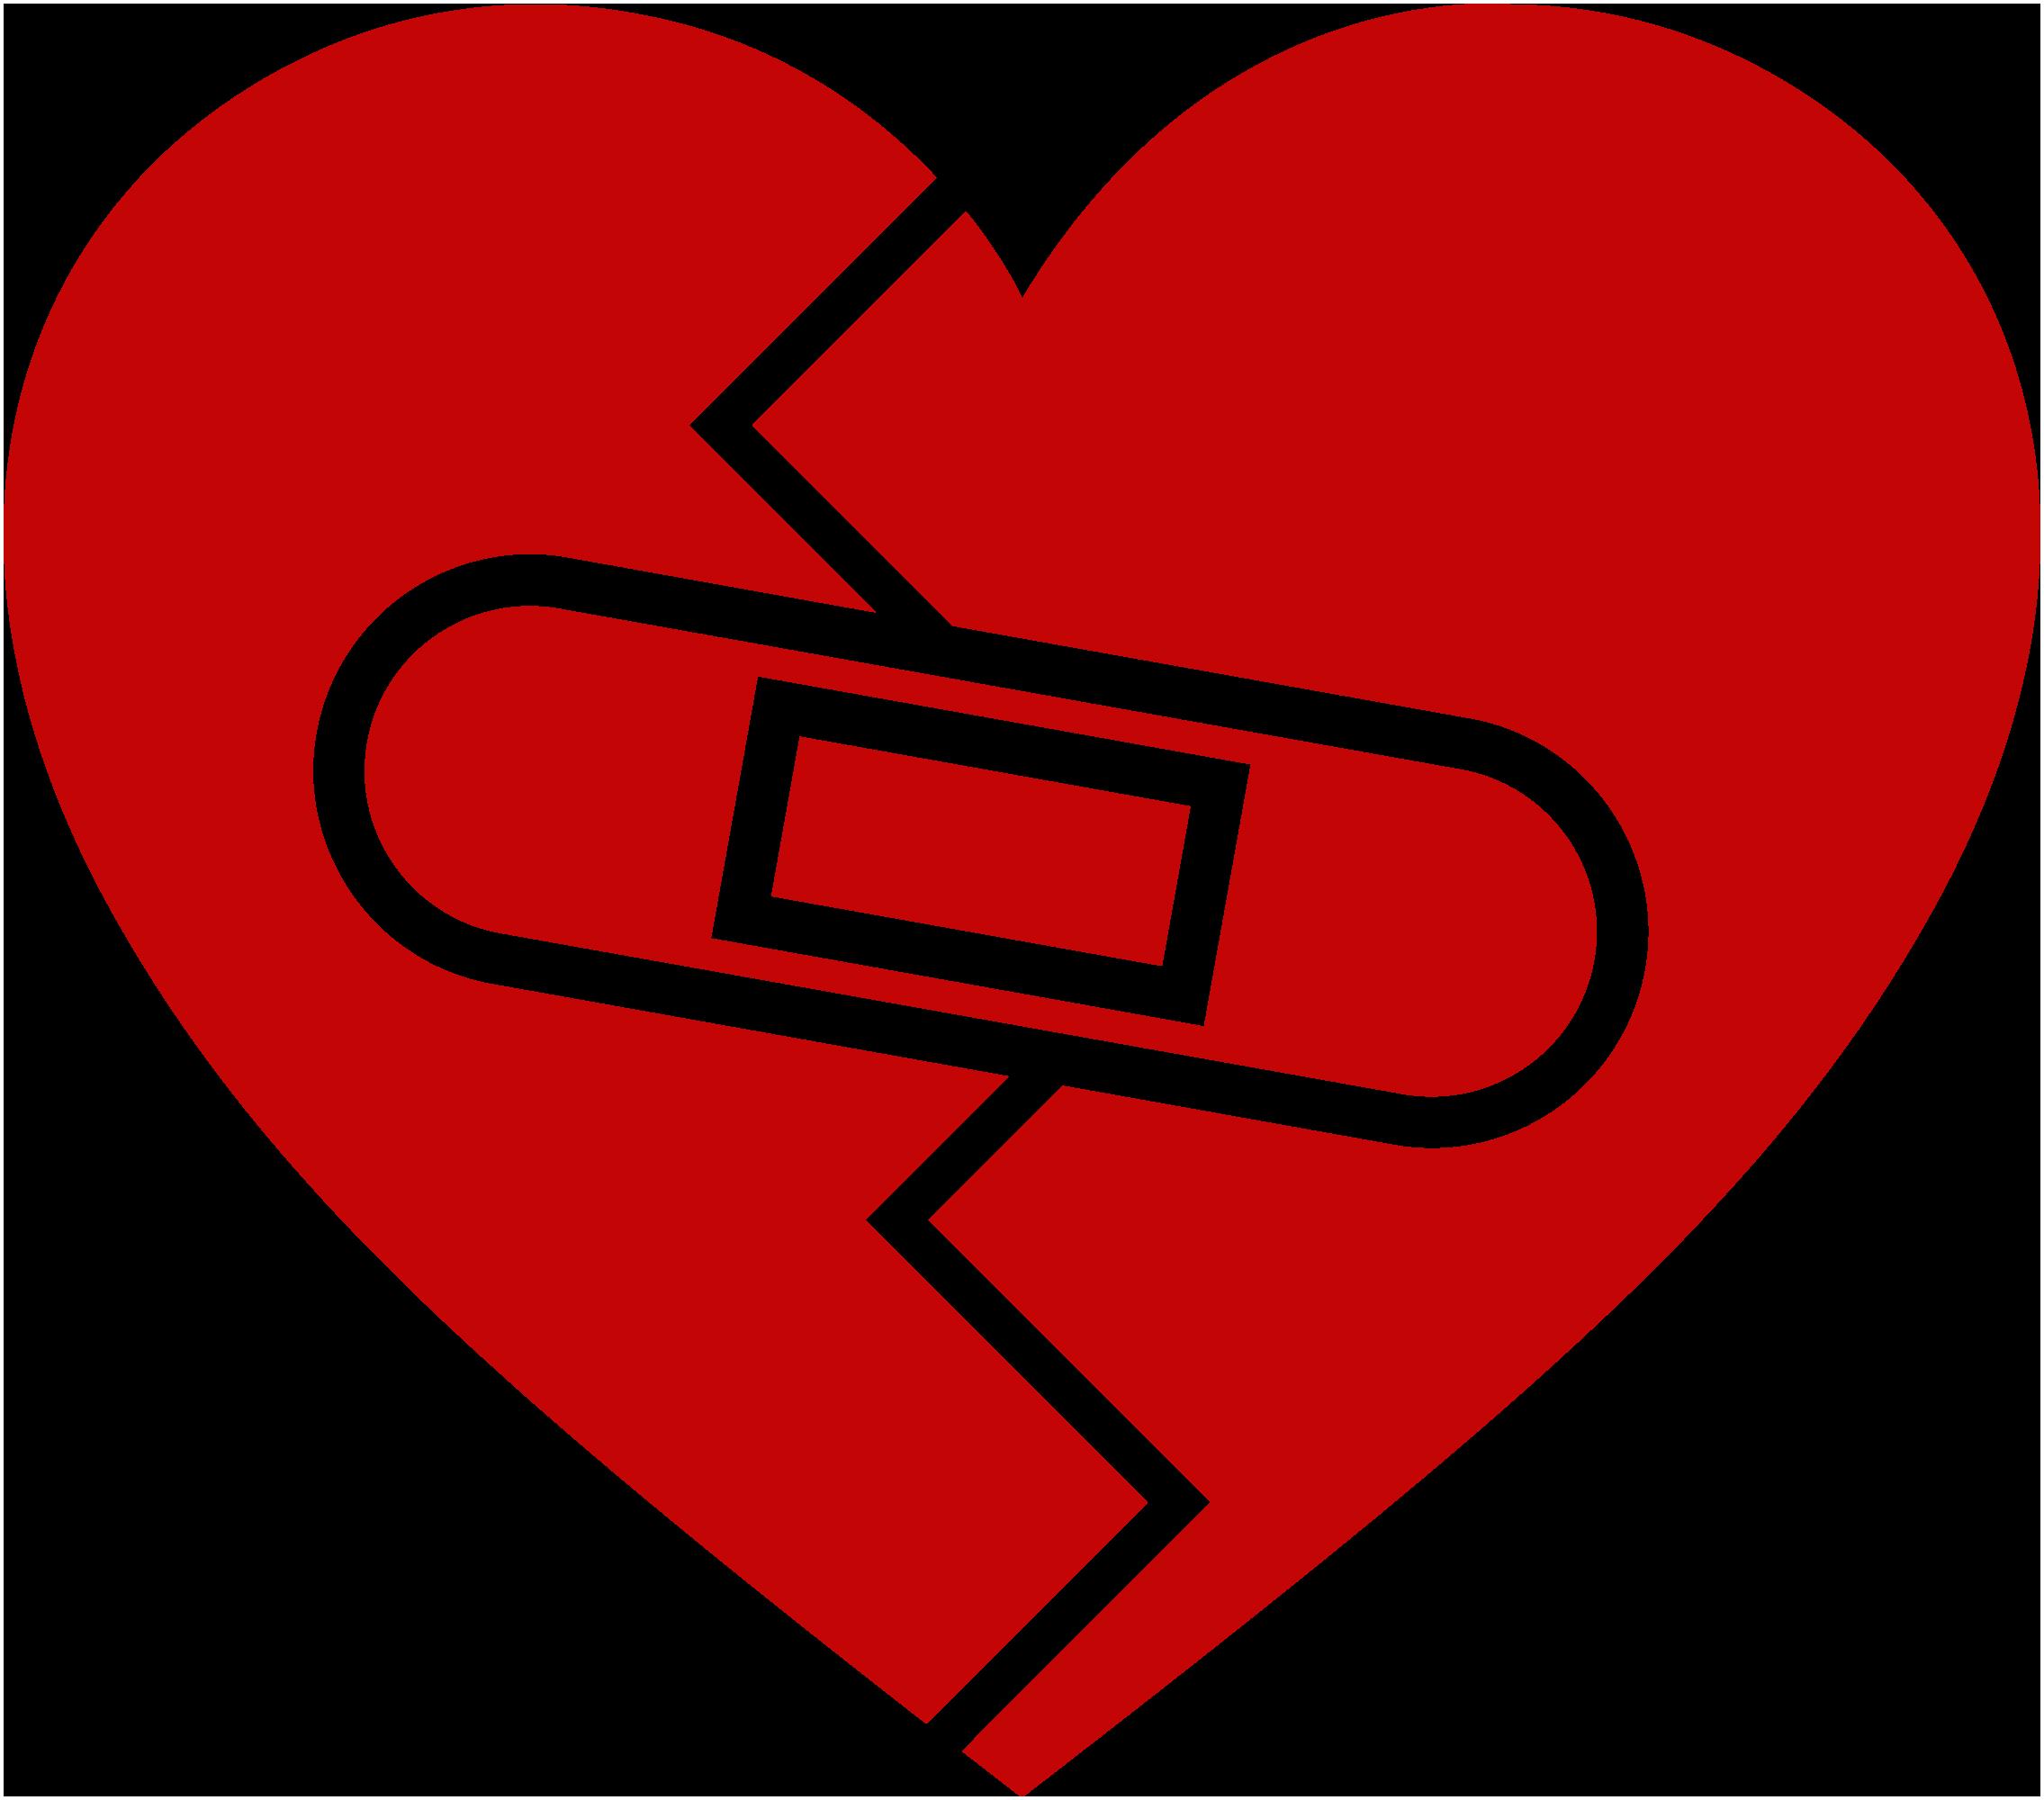 venda dentro de un corazón roto